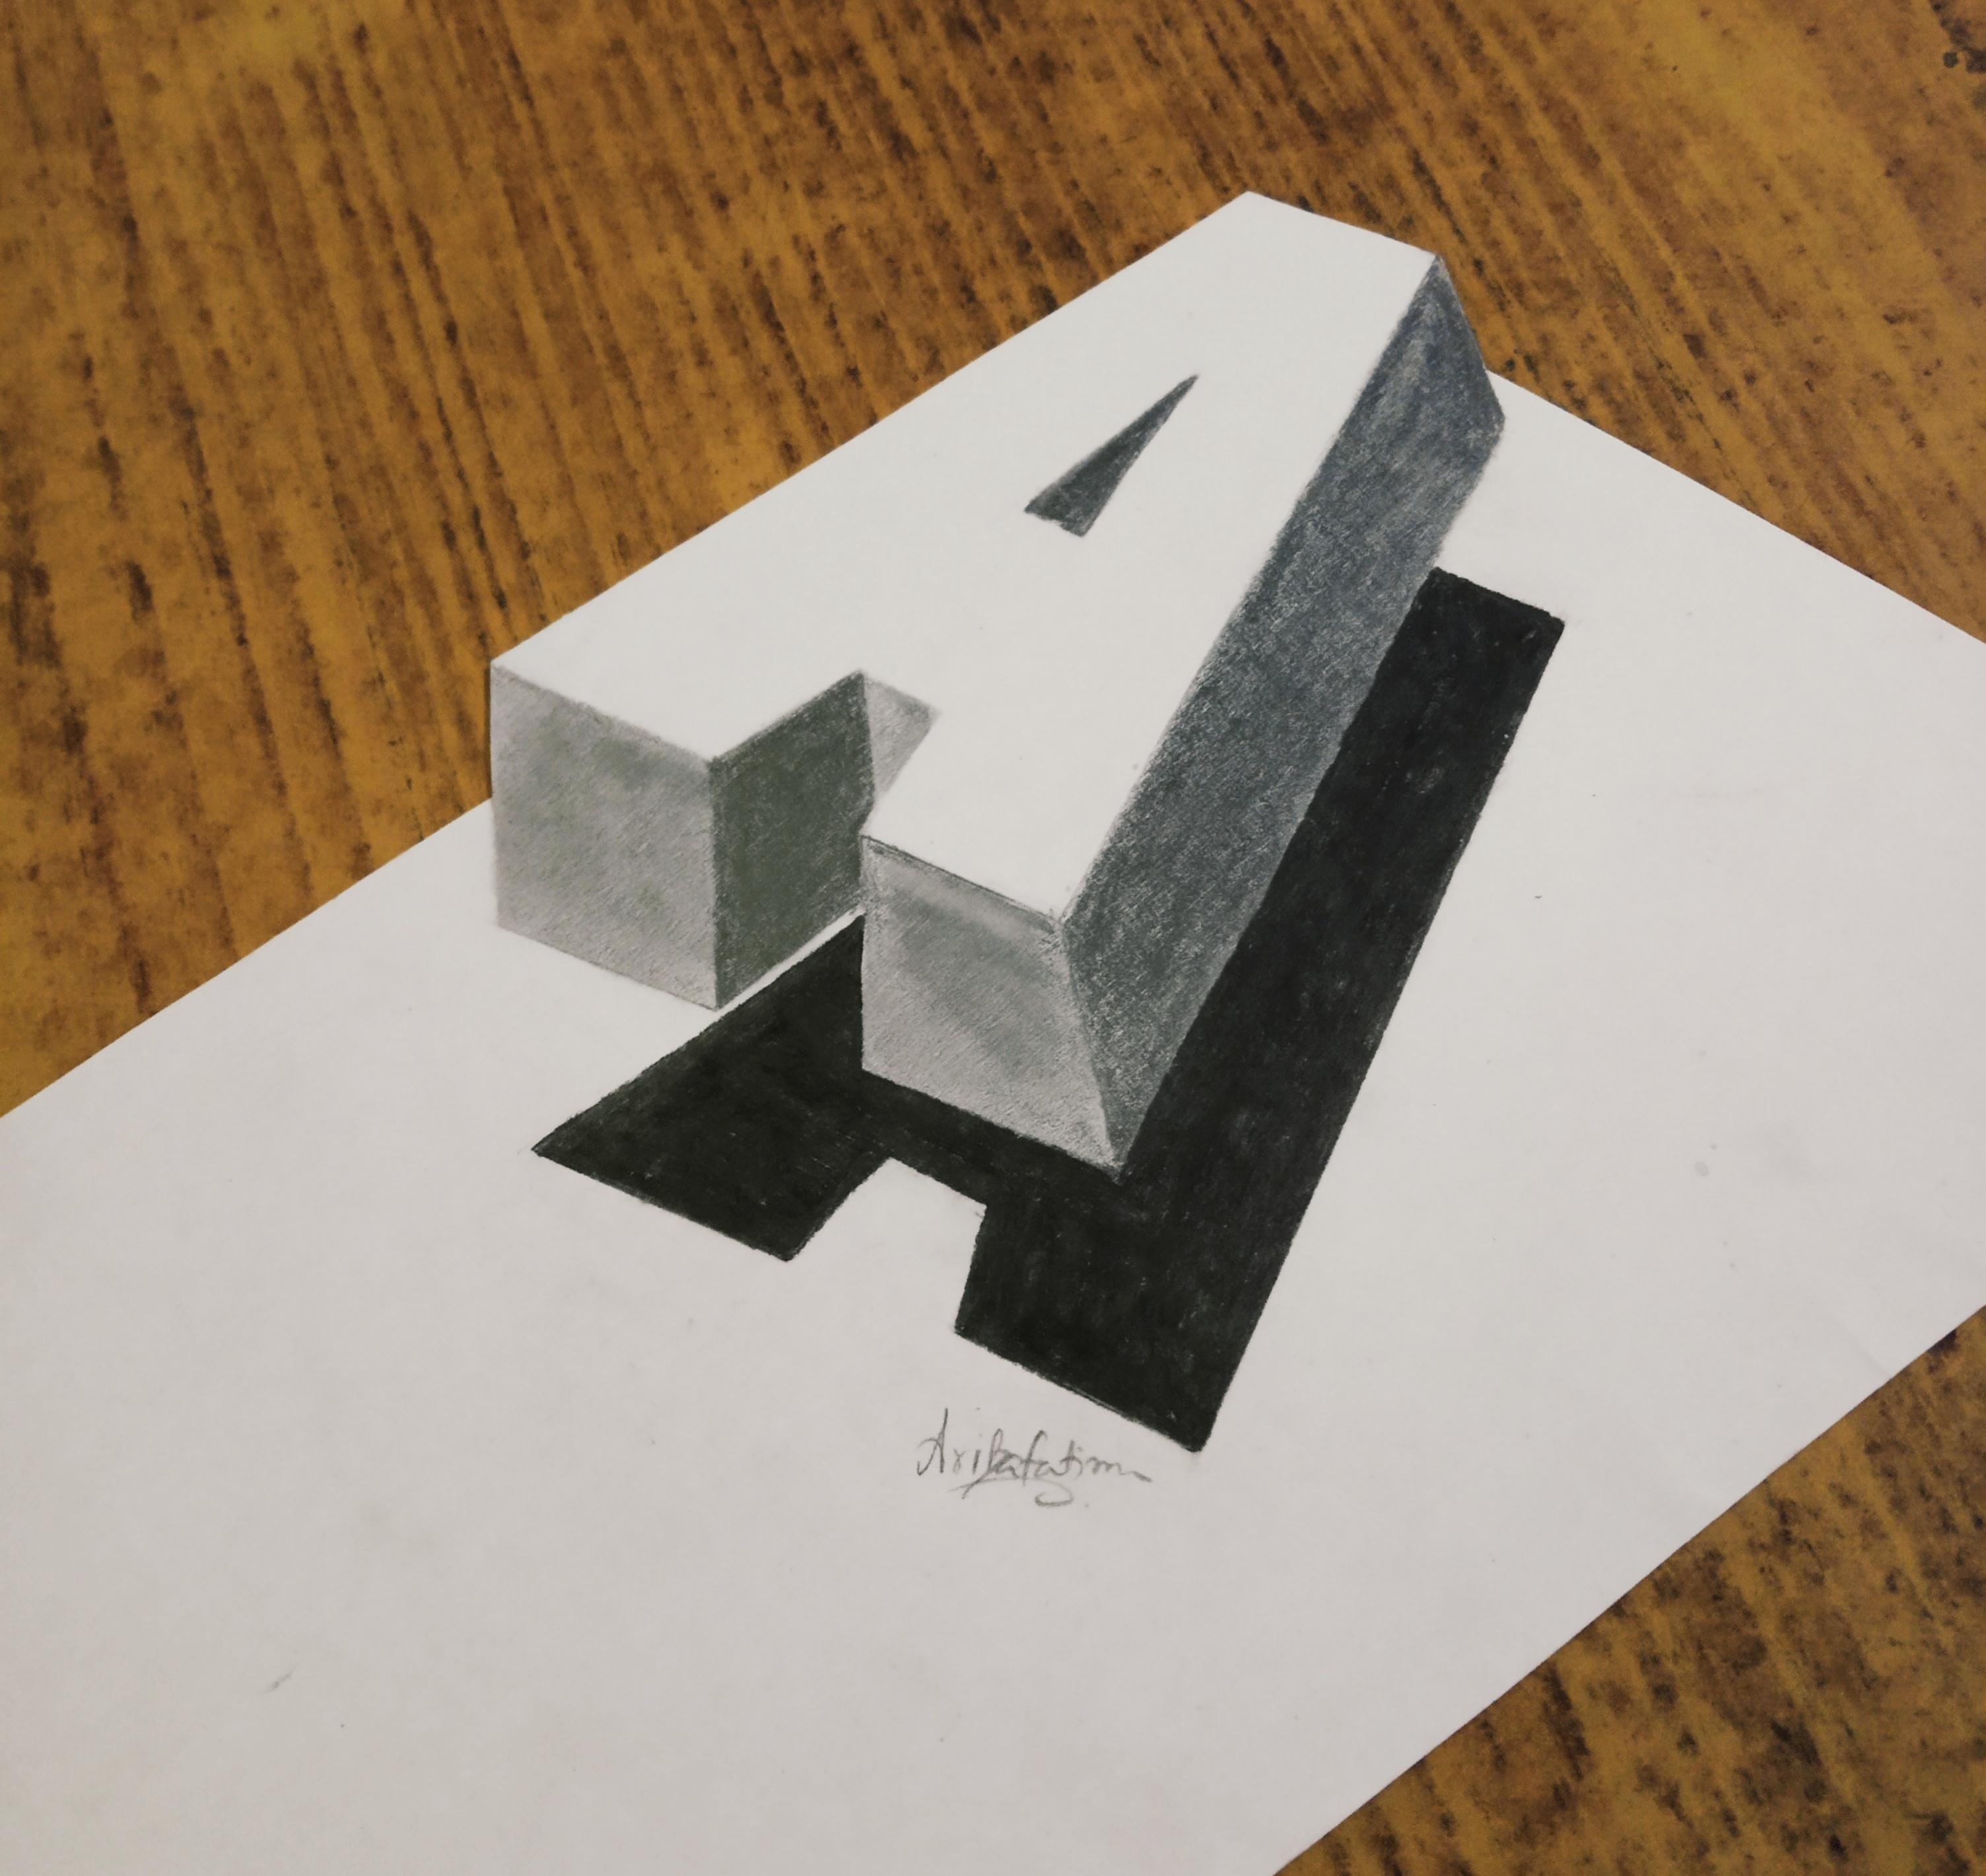 Ariba 's First '3D Art'